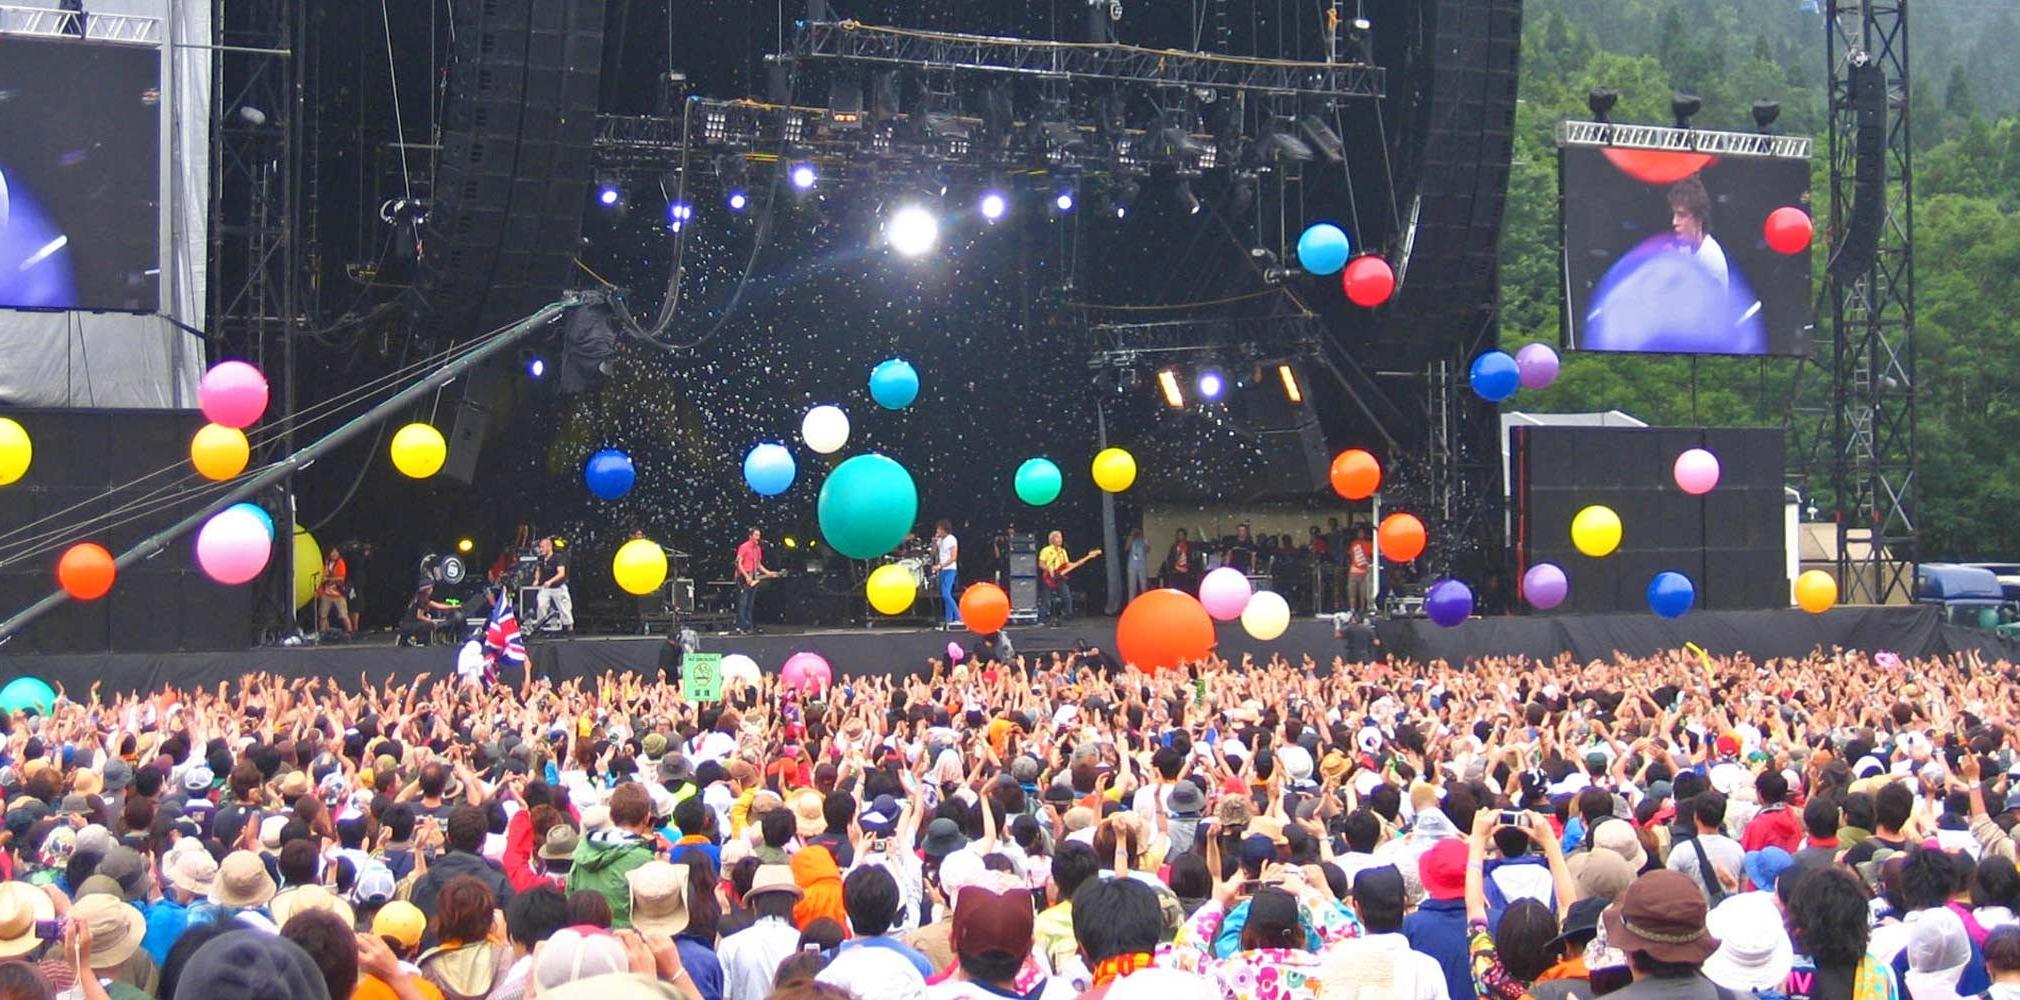 balloons at fuji rock festival